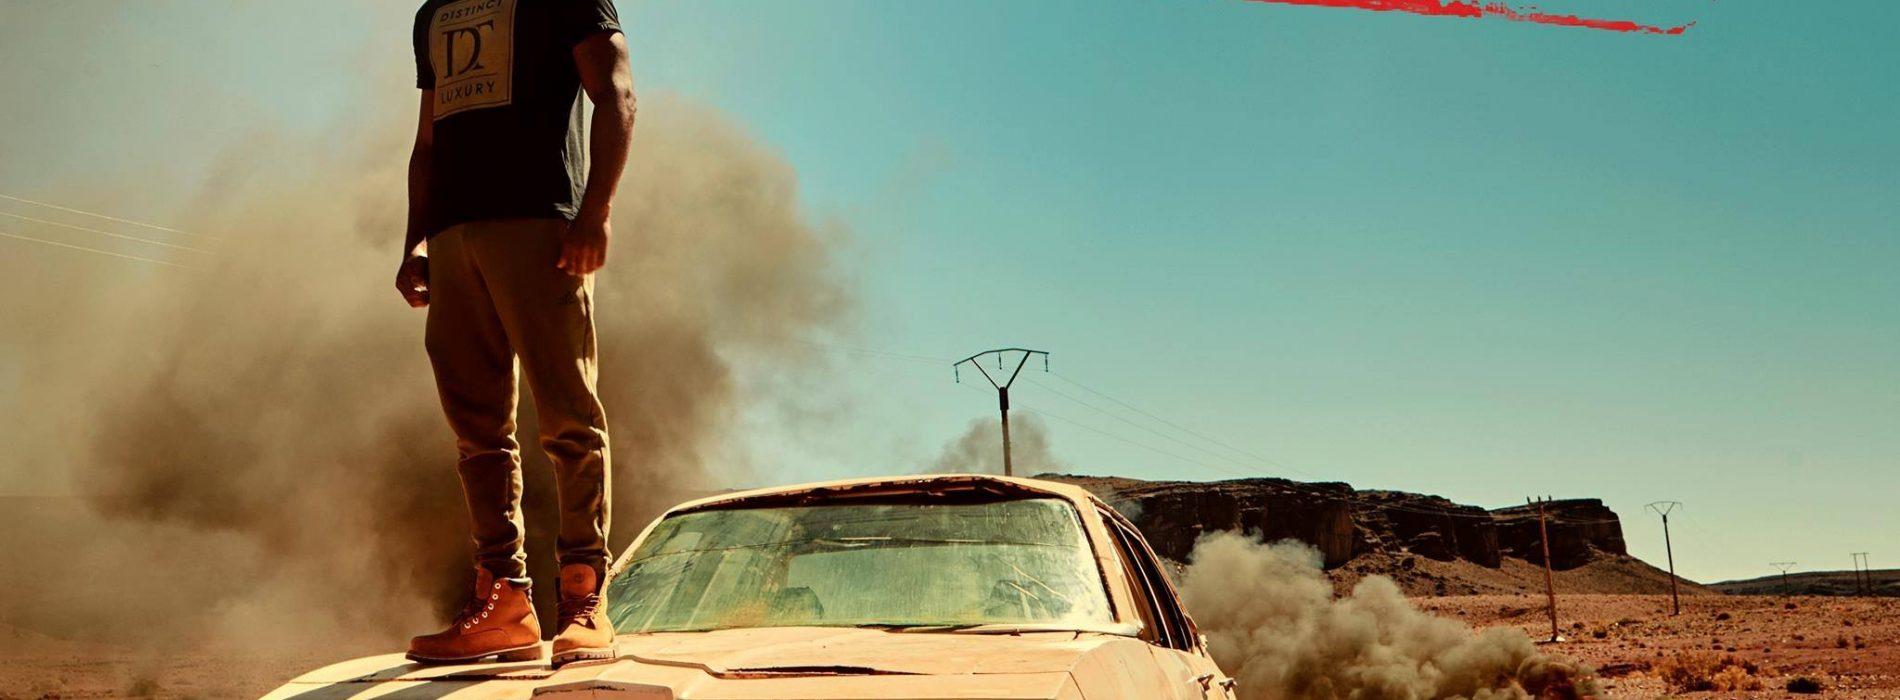 ROHFF est de retour avec son titre «Hors de contrôle»- Avril 2017